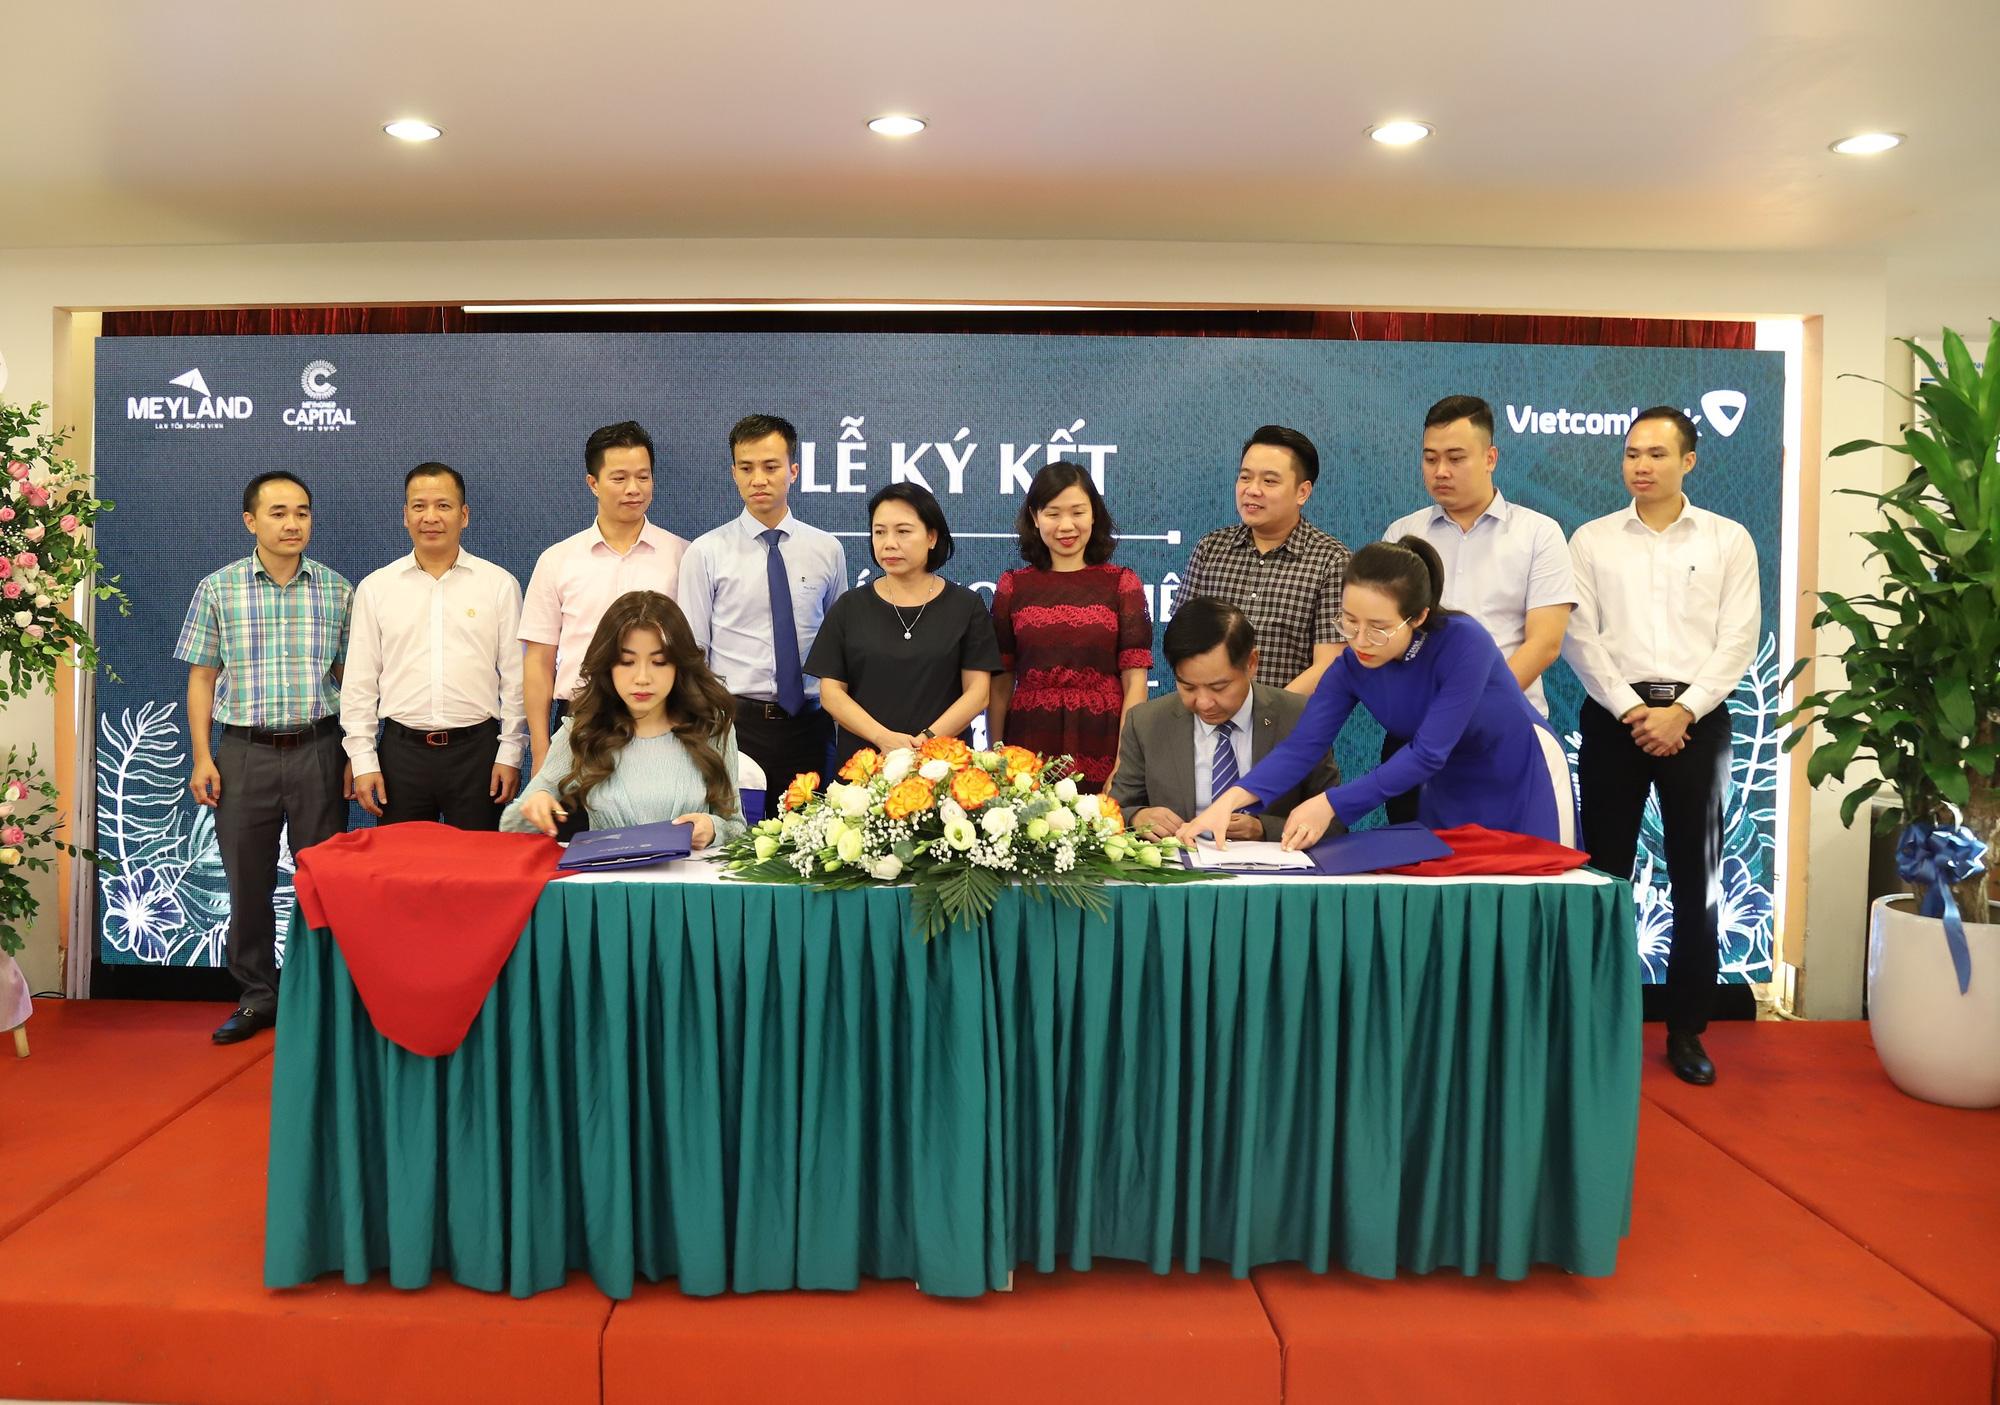 Tân Á Đại Thành – Meyland và ngân hàng Vietcombank ký kết hợp tác toàn diện - Ảnh 1.